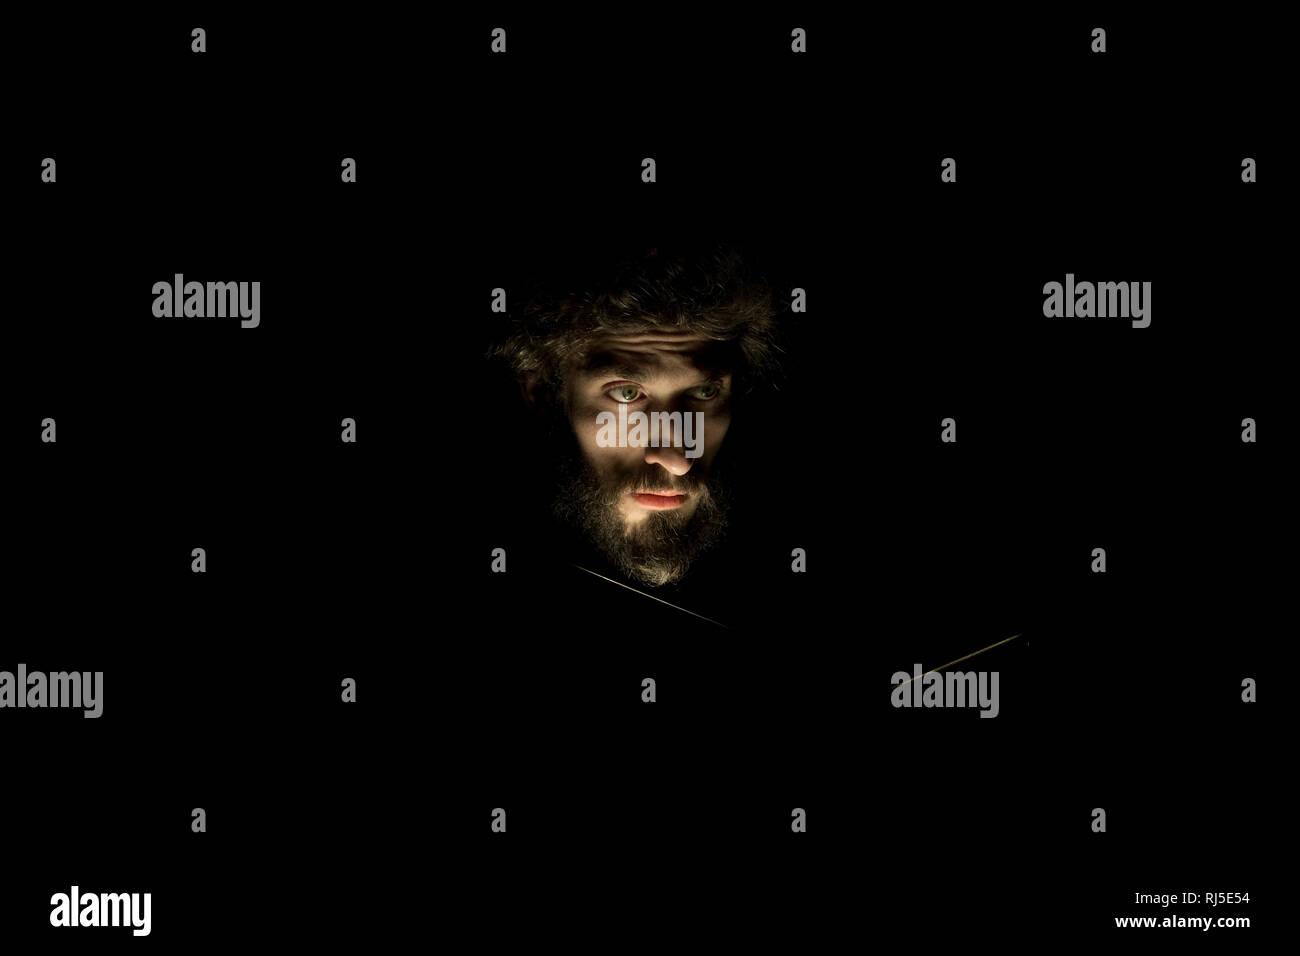 Mann mit Bart, dunkel, Gesicht beleuchtet, Portrait - Stock Image